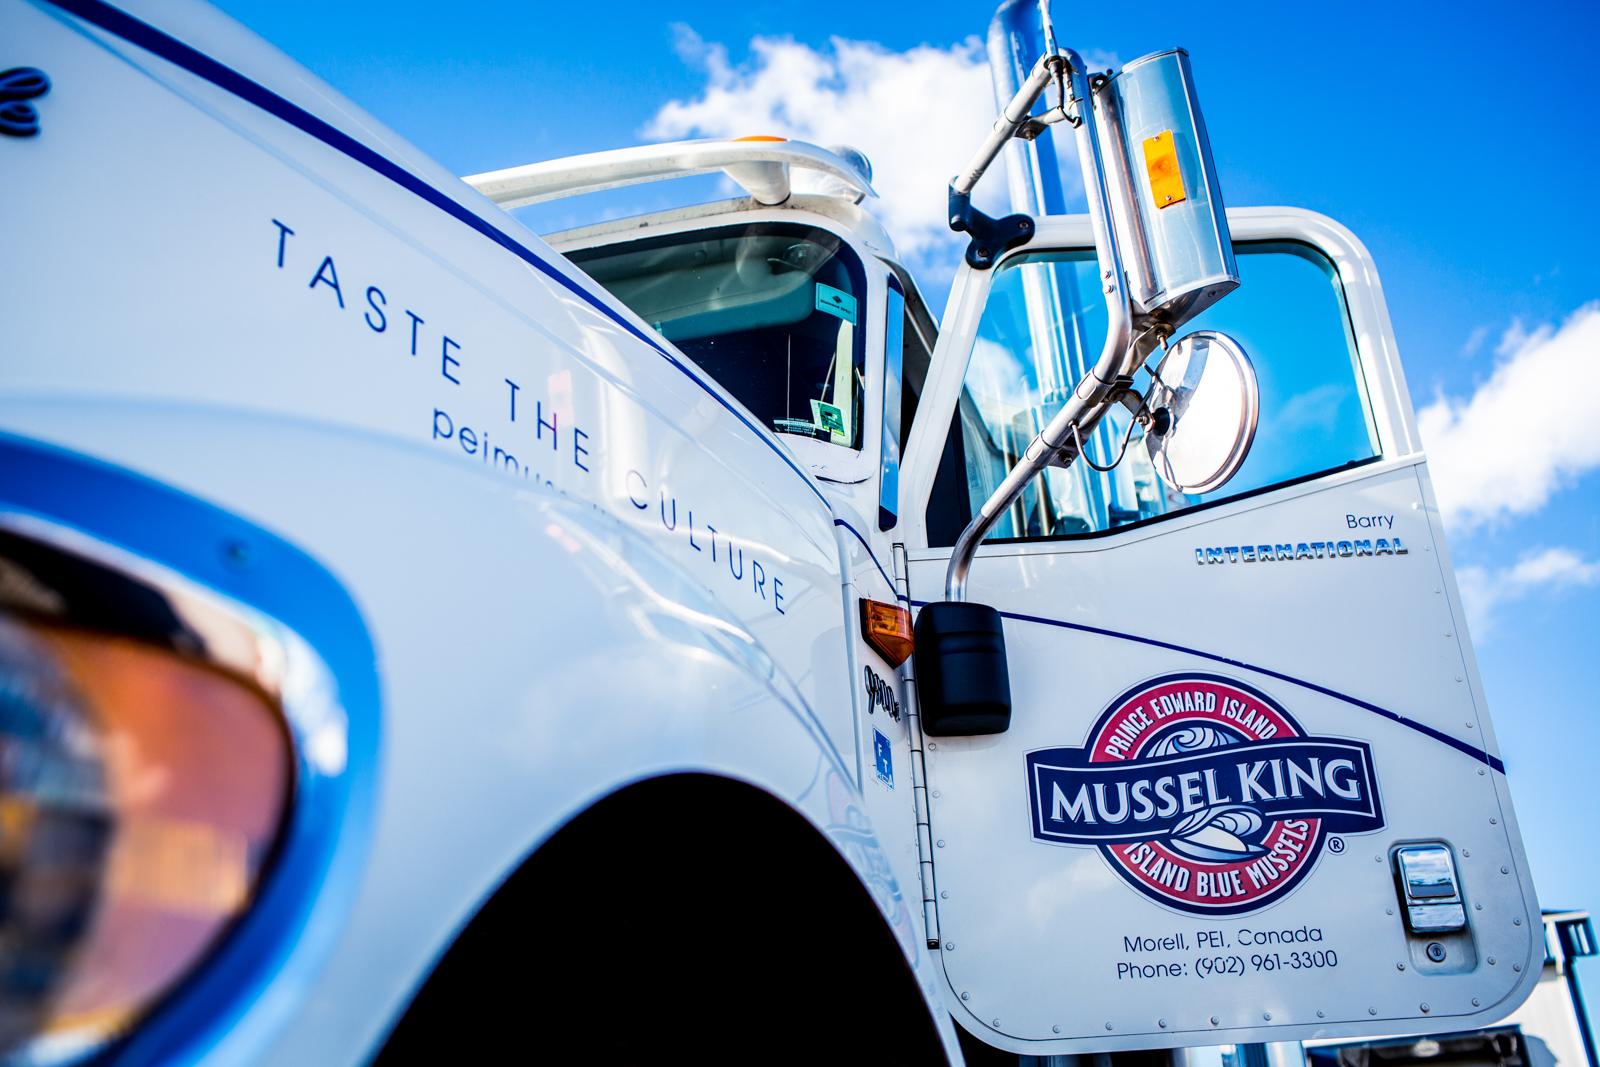 PEI Mussel King truck